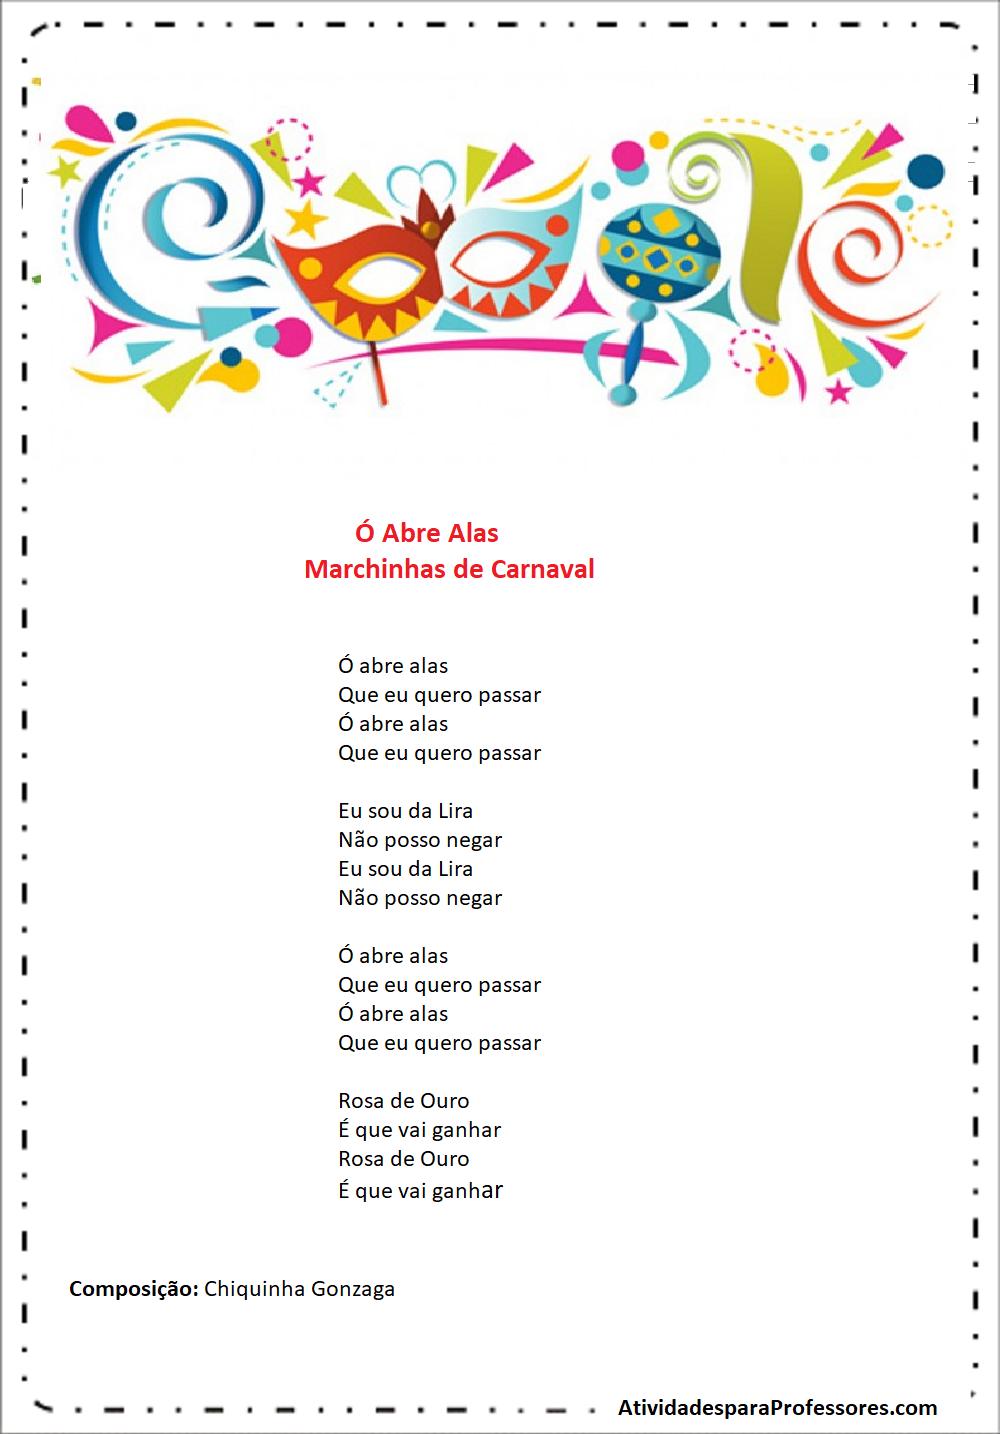 Cartaz de carnaval para escola da Educação Infantil.